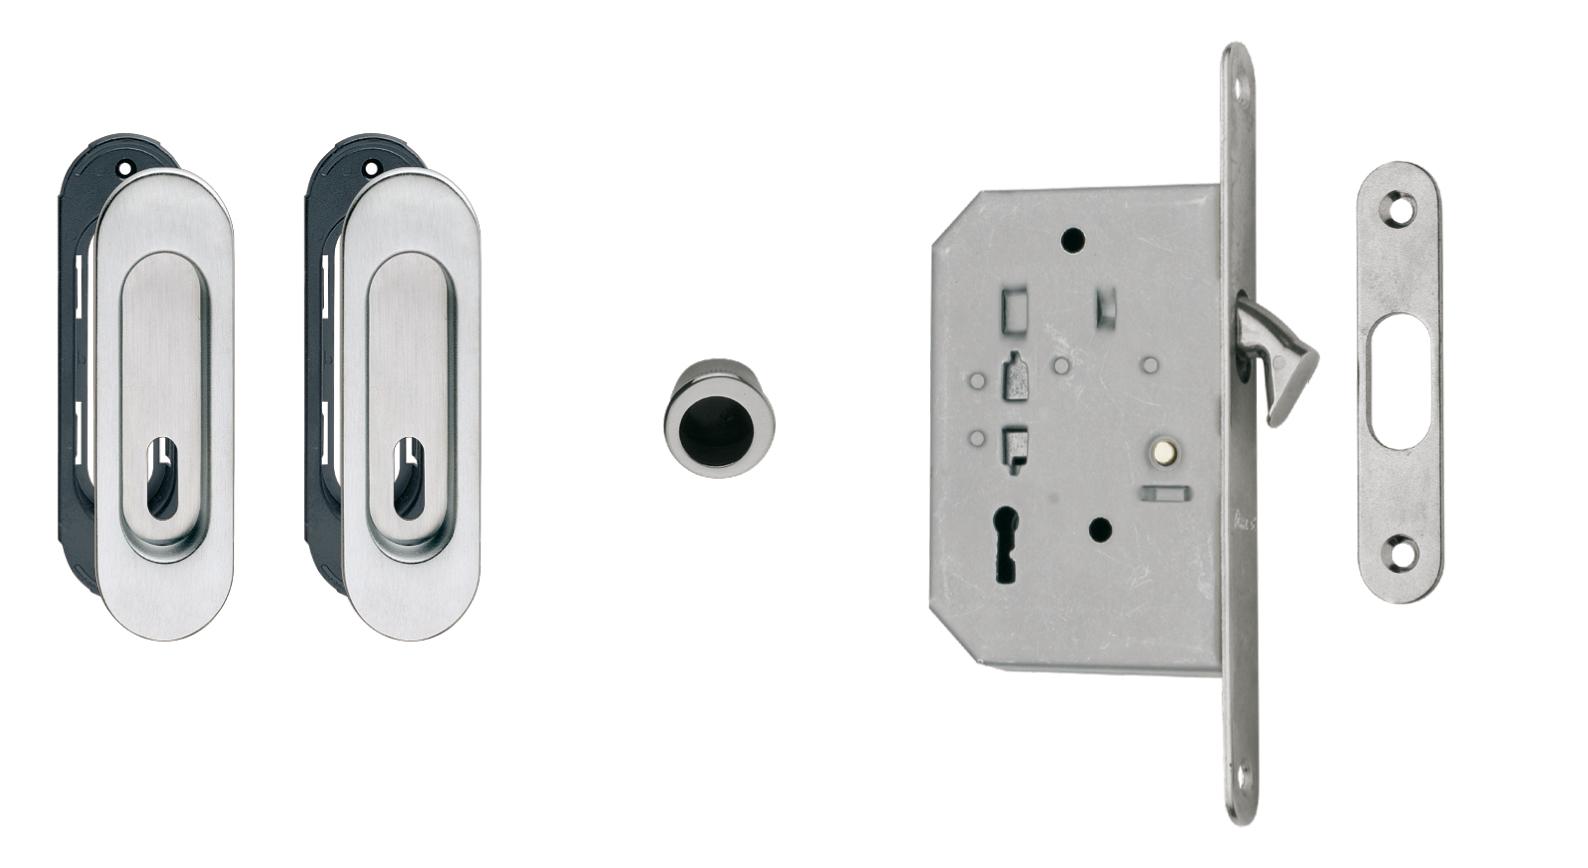 Kit For Sliding Doors 3665af Lock 60 50 Key Fimet Maniglie